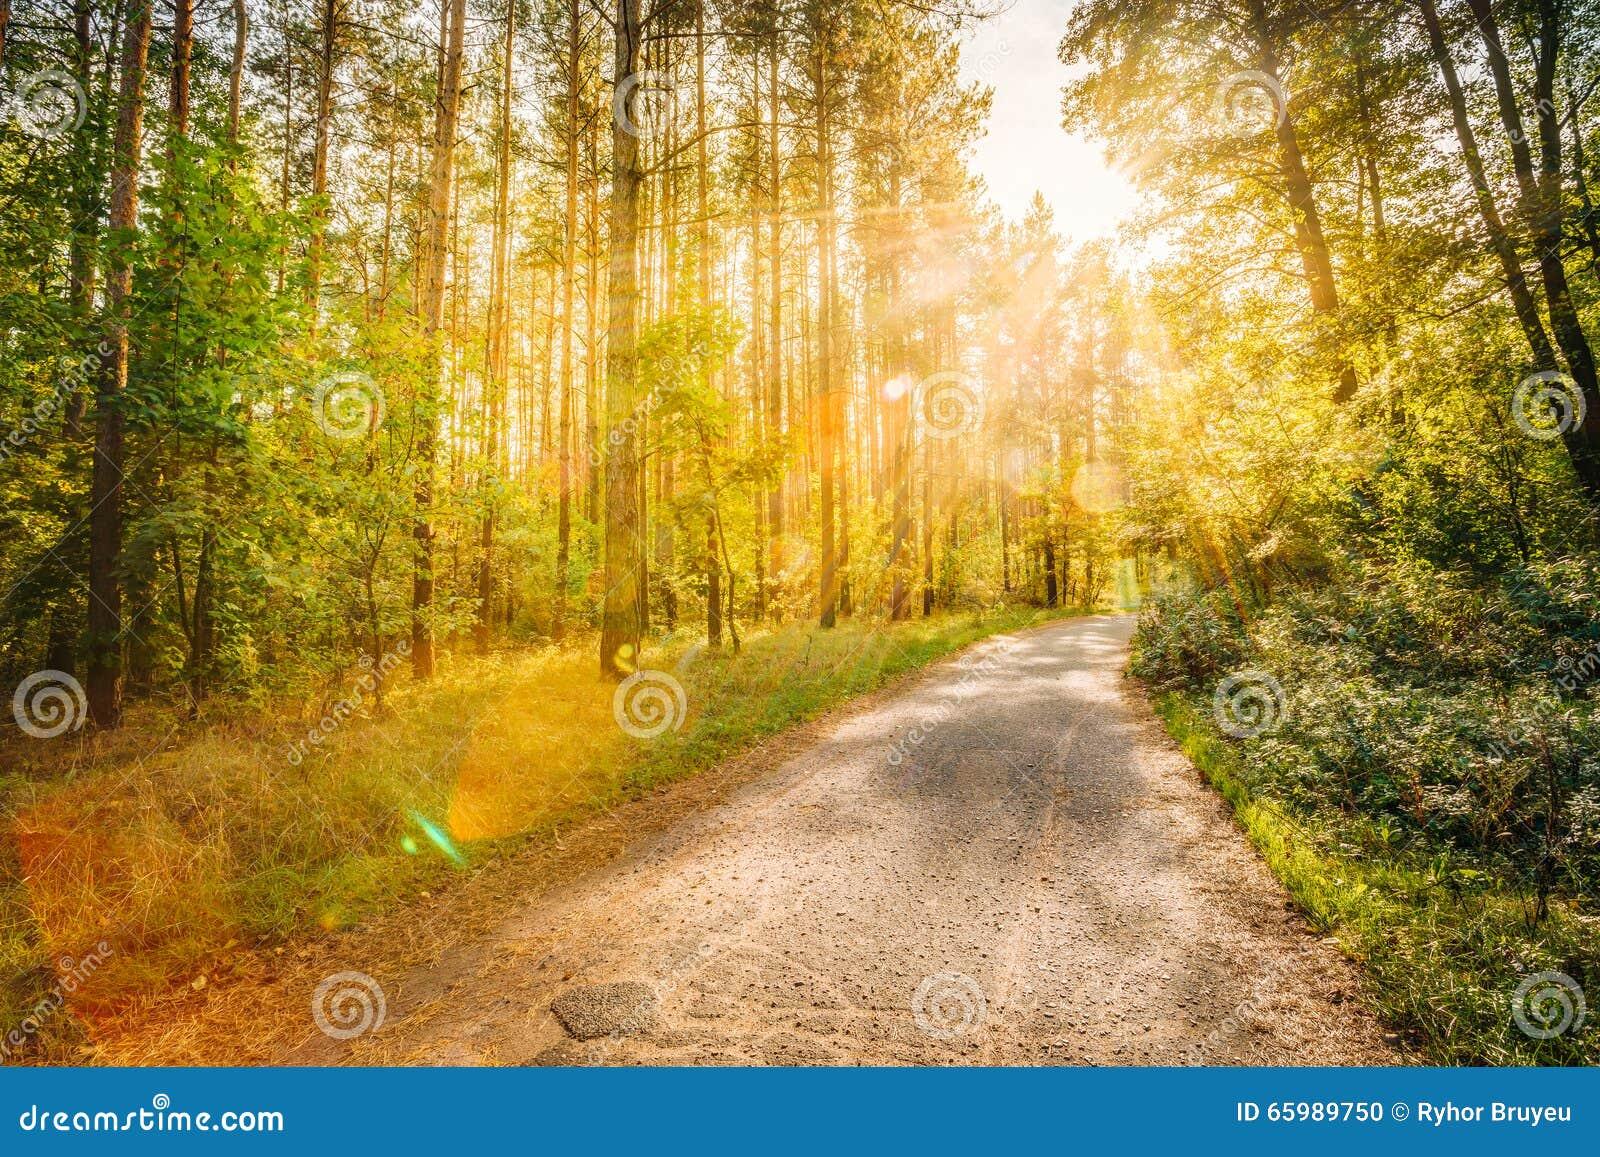 道路路线路在日落或太阳的夏天晴朗的森林里图片